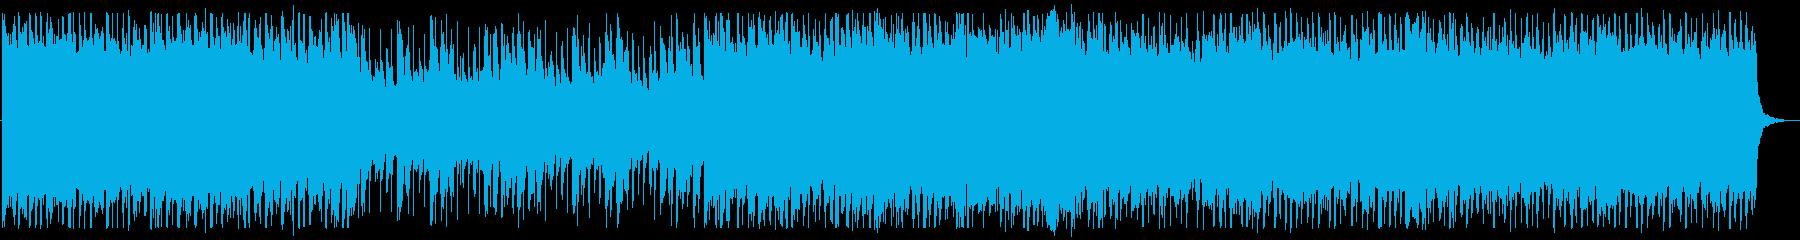 電子/疾走感/ロック_No358_2の再生済みの波形